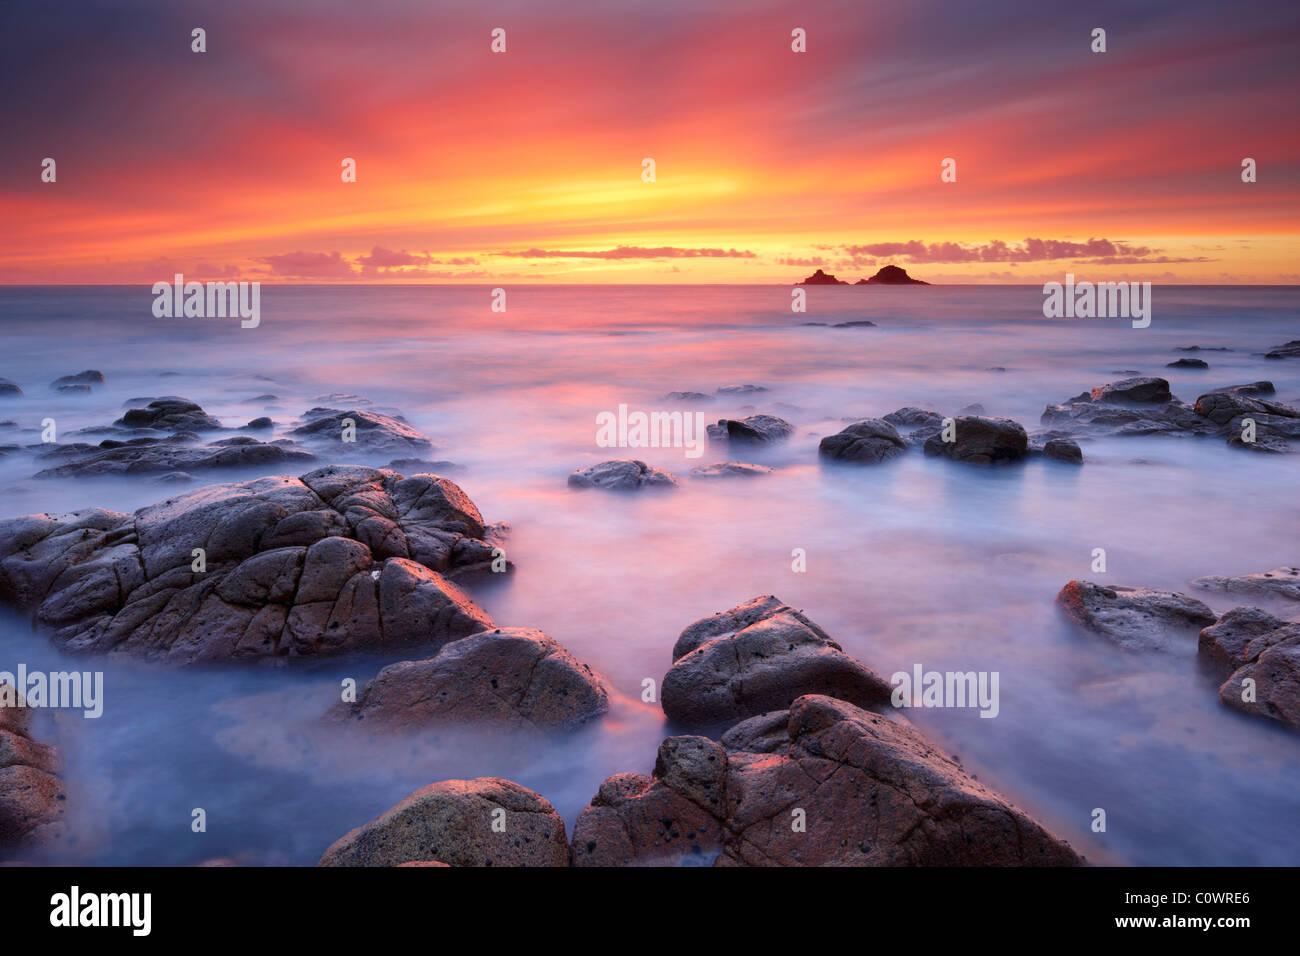 Un increíble atardecer pinta el cielo con colores intensos como el mar suave y sedoso vueltas alrededor de Imagen De Stock